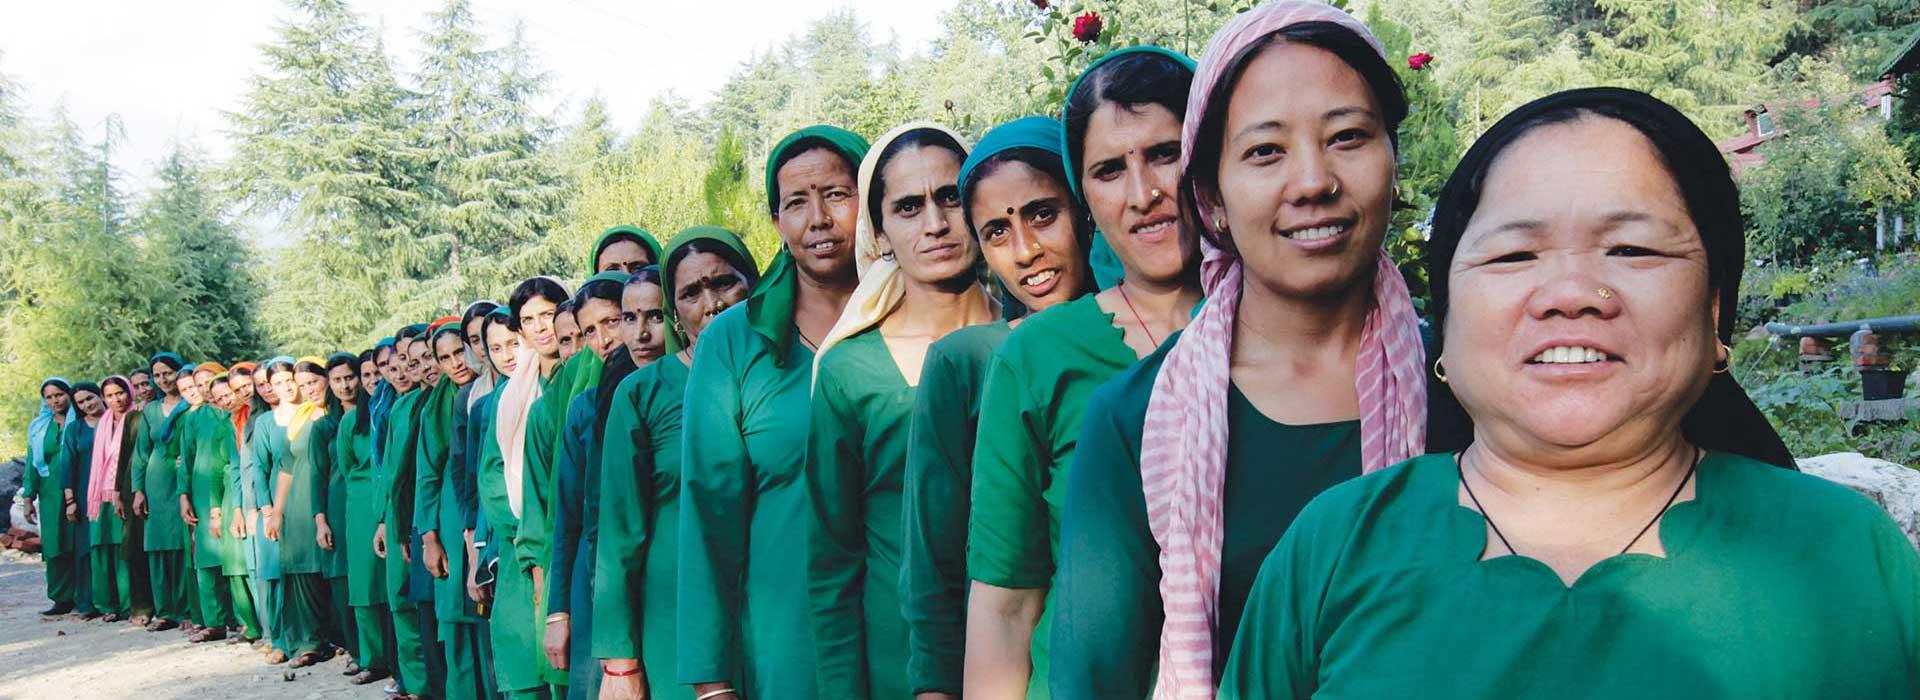 women-in-line1